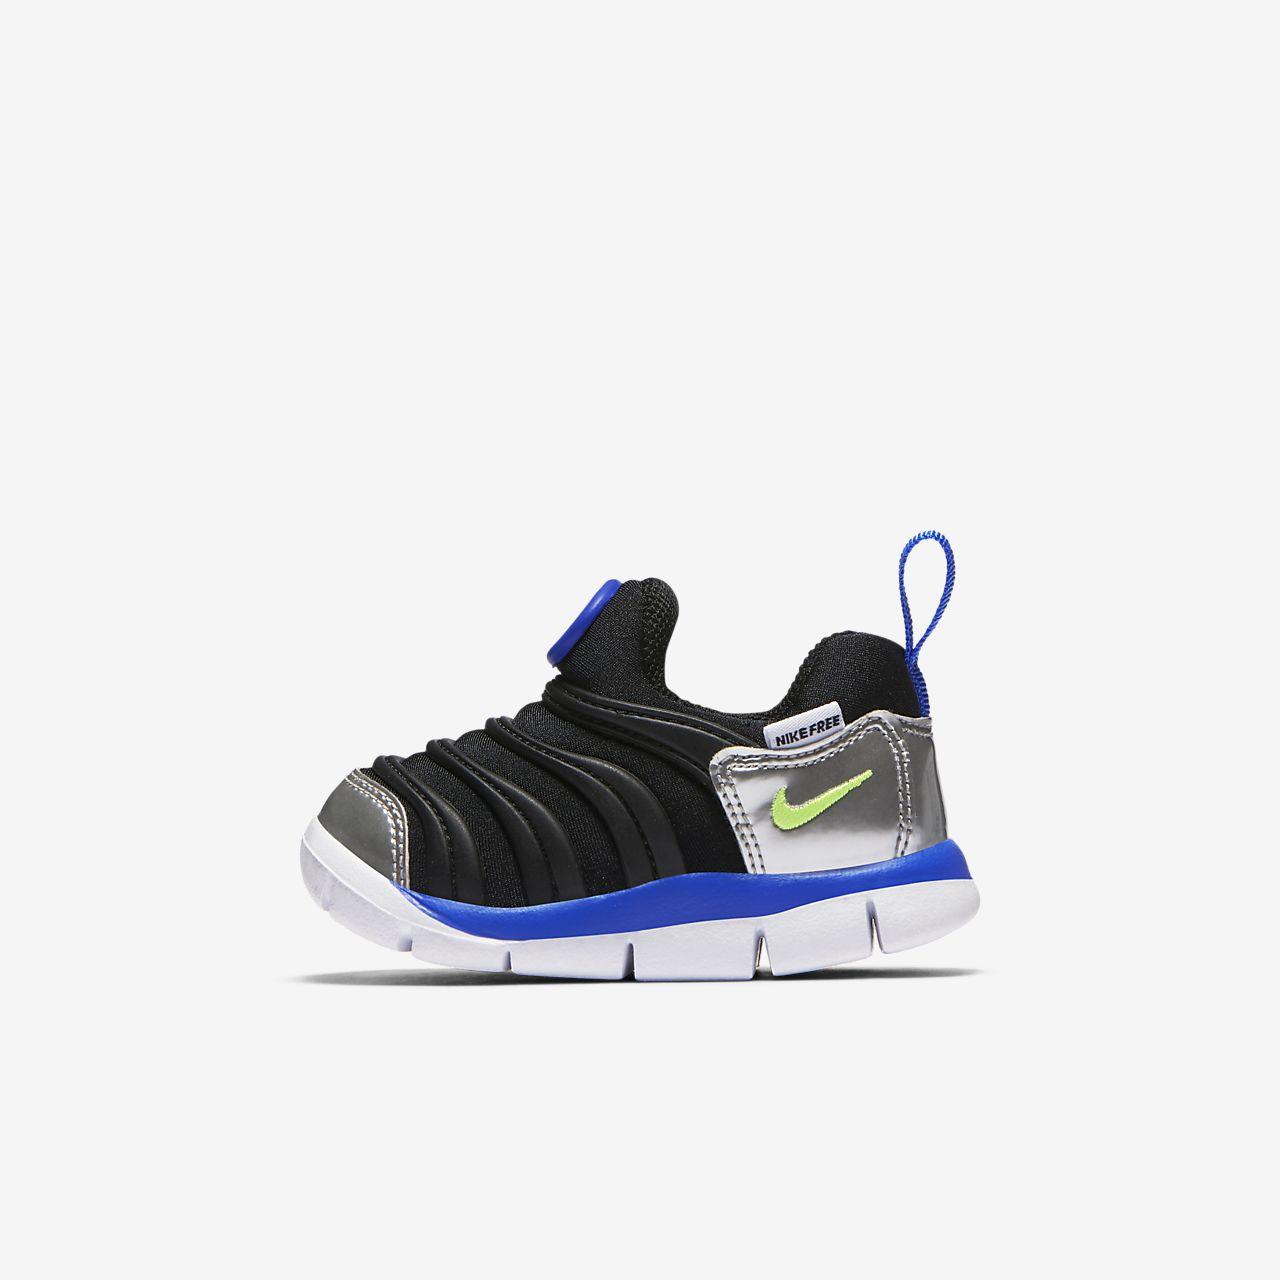 ... Chaussure Nike Dynamo Free pour Bébé/Petit enfant